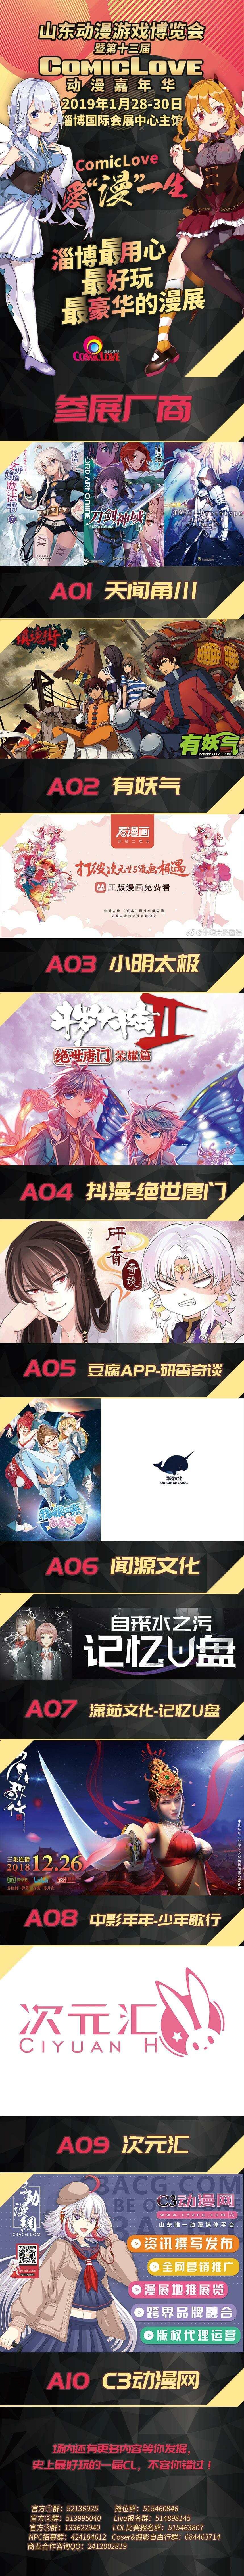 山东动漫游戏博览会 第十三届淄博ComicLove动漫嘉年华-C3动漫网